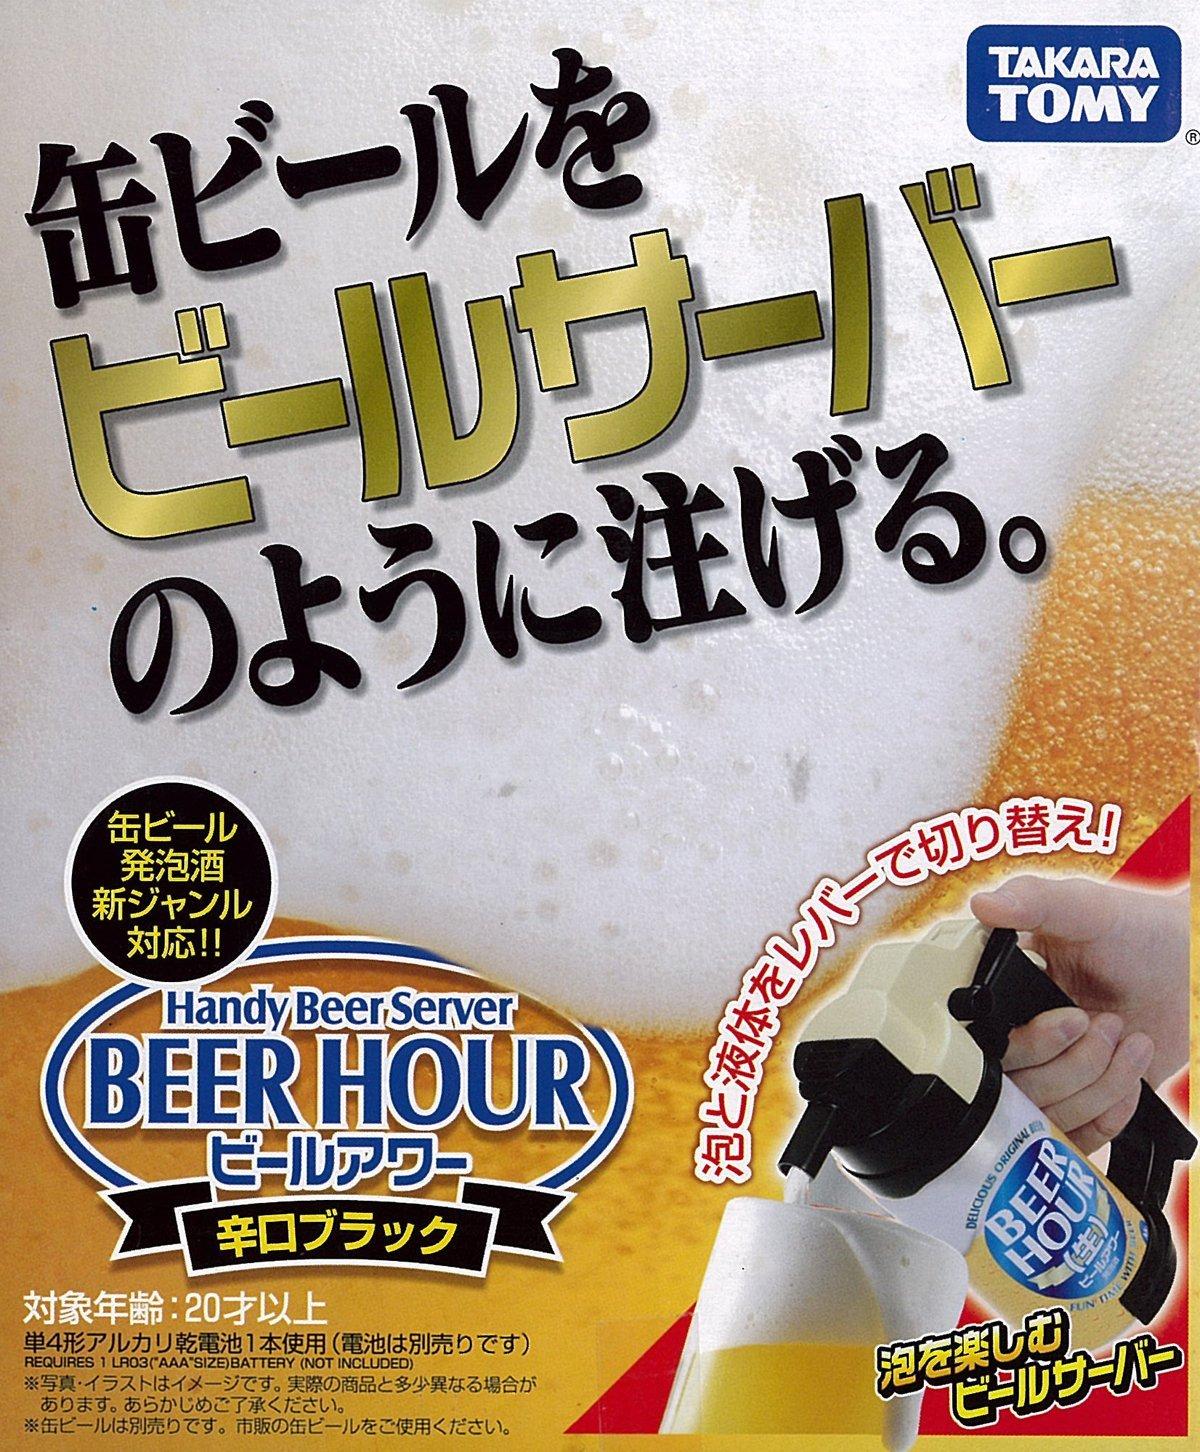 เครื่องรินเบียร์ไฟฟ้า Beer Hour